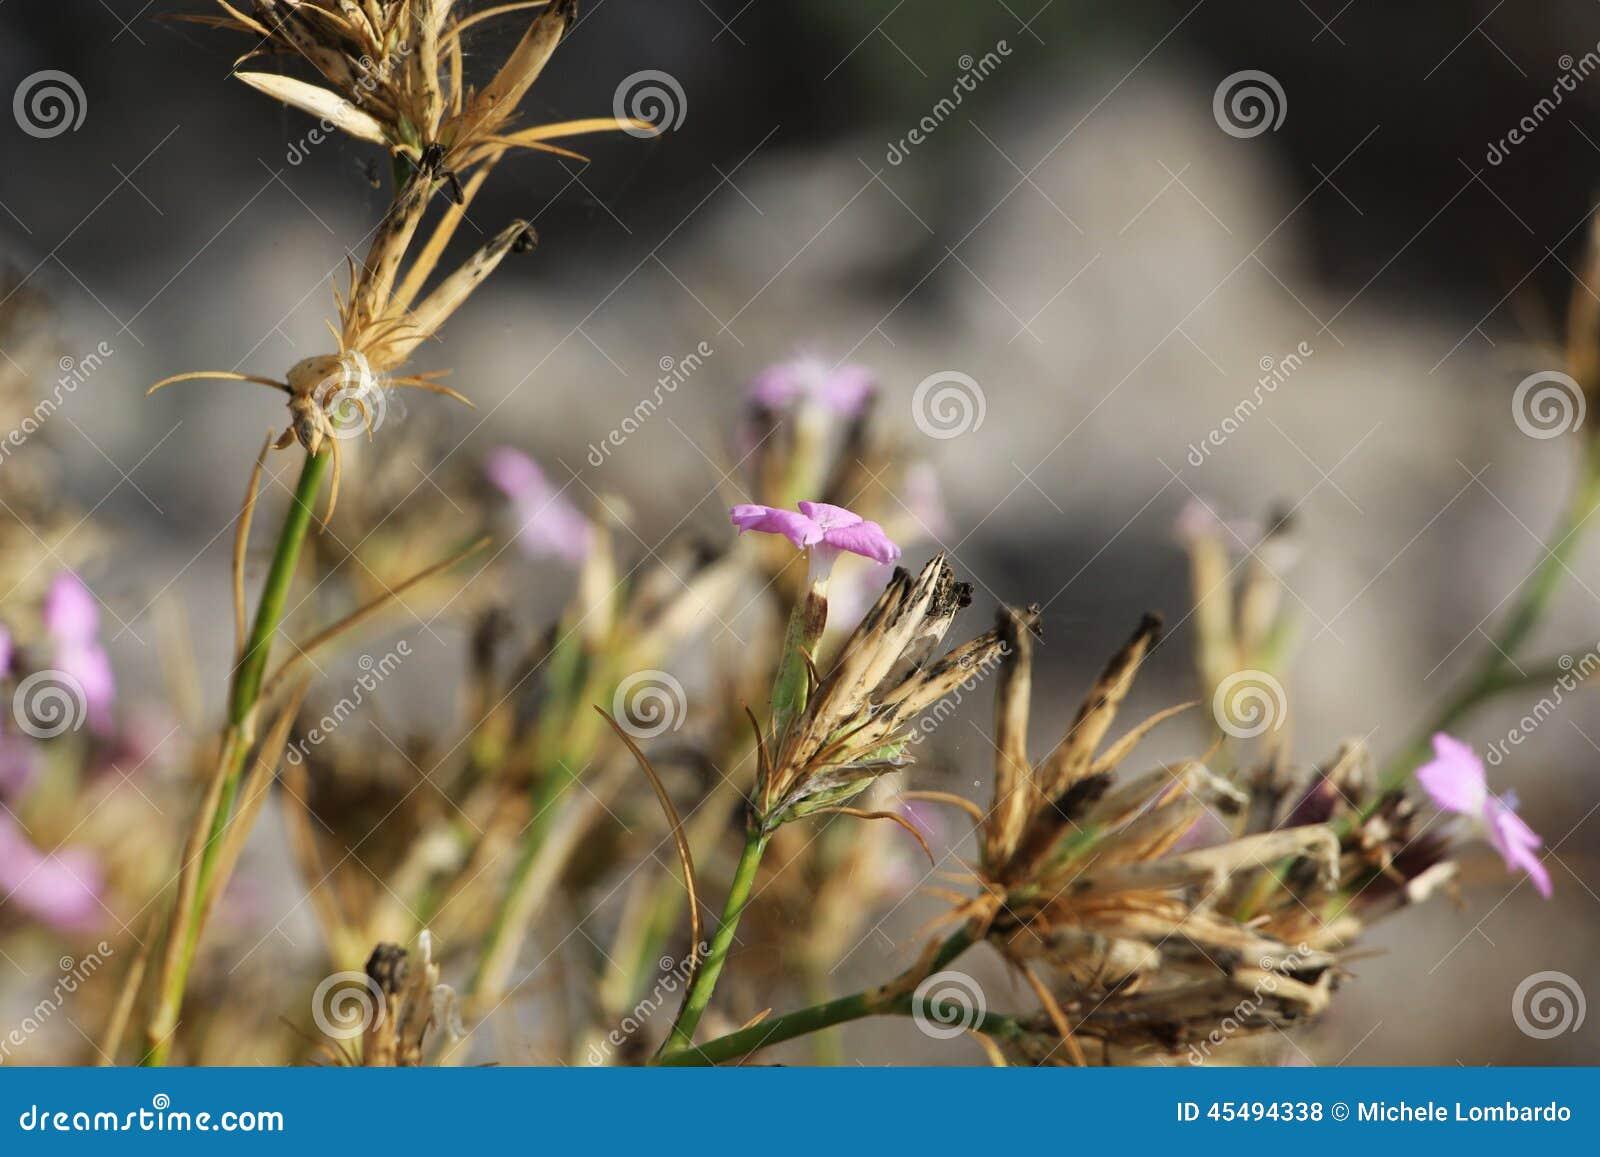 精美野花,丁香